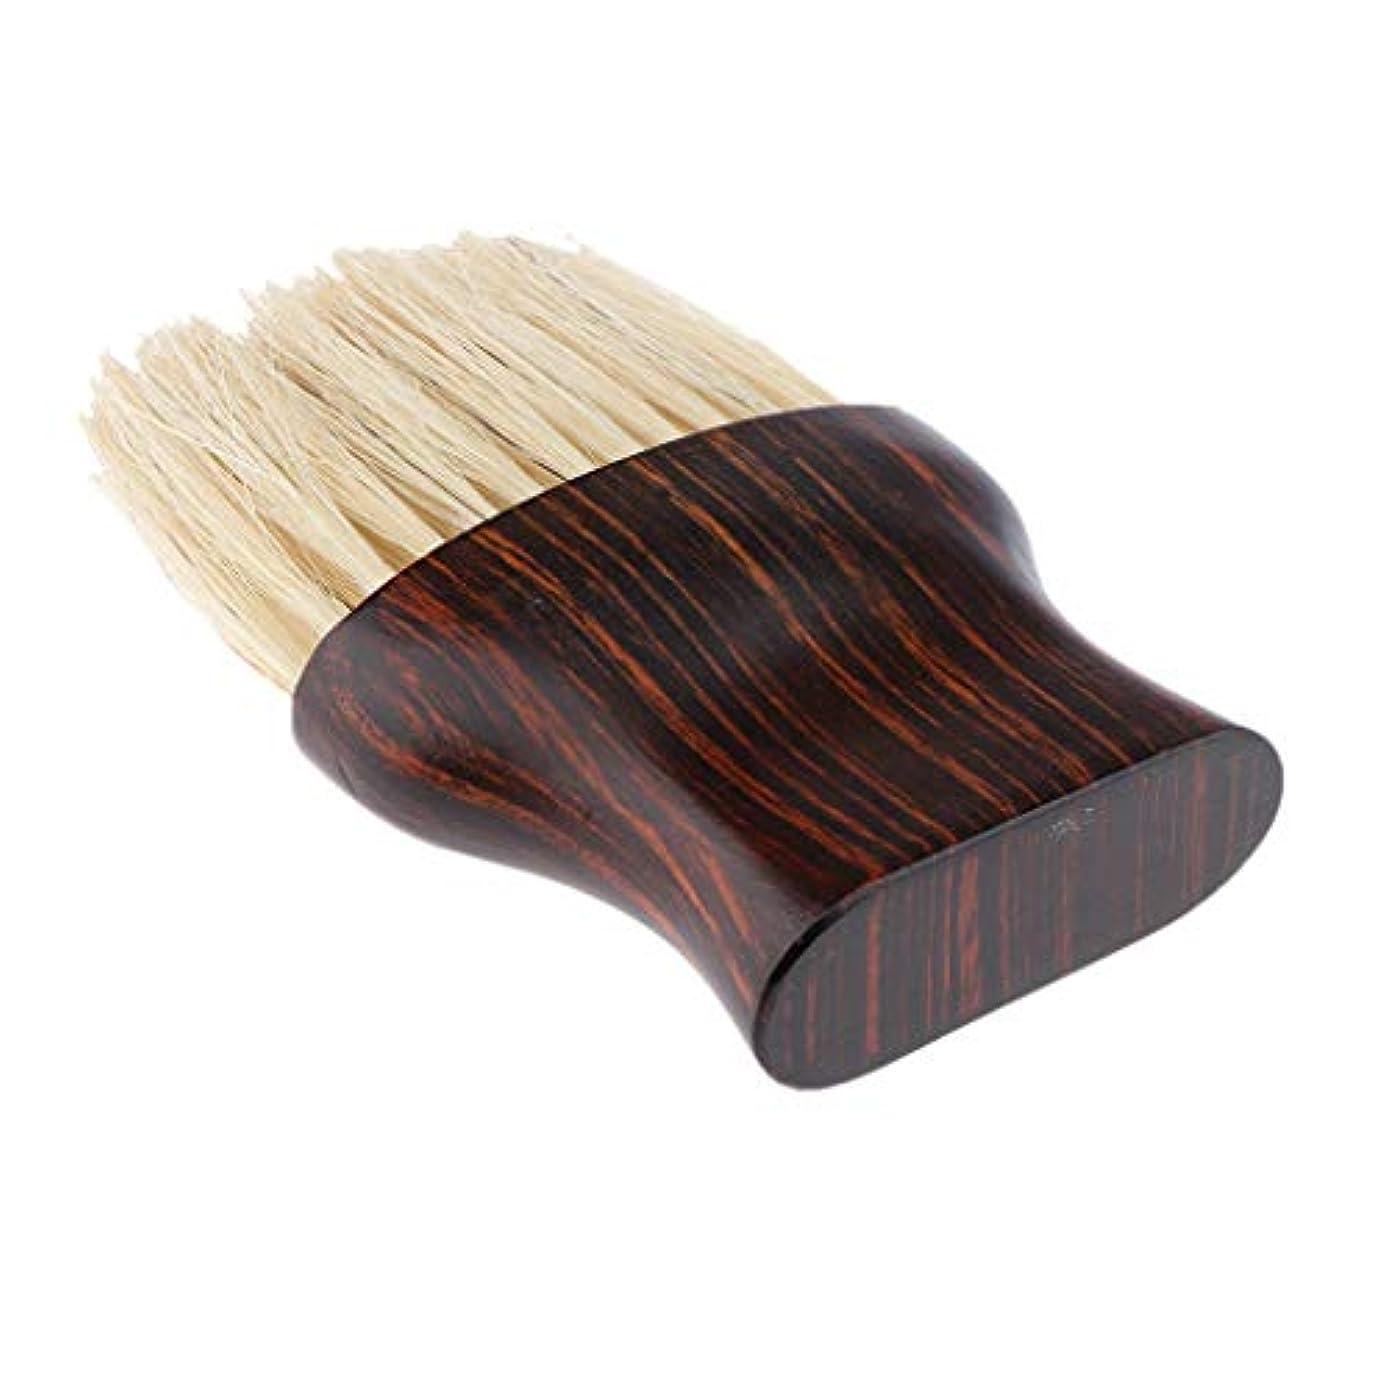 ビーチ苗引き出すSM SunniMix 毛払いブラシ ヘアブラシ 繊維毛 散髪 髪切り 散髪用ツール 床屋 理髪店 美容院 ソフトブラシ